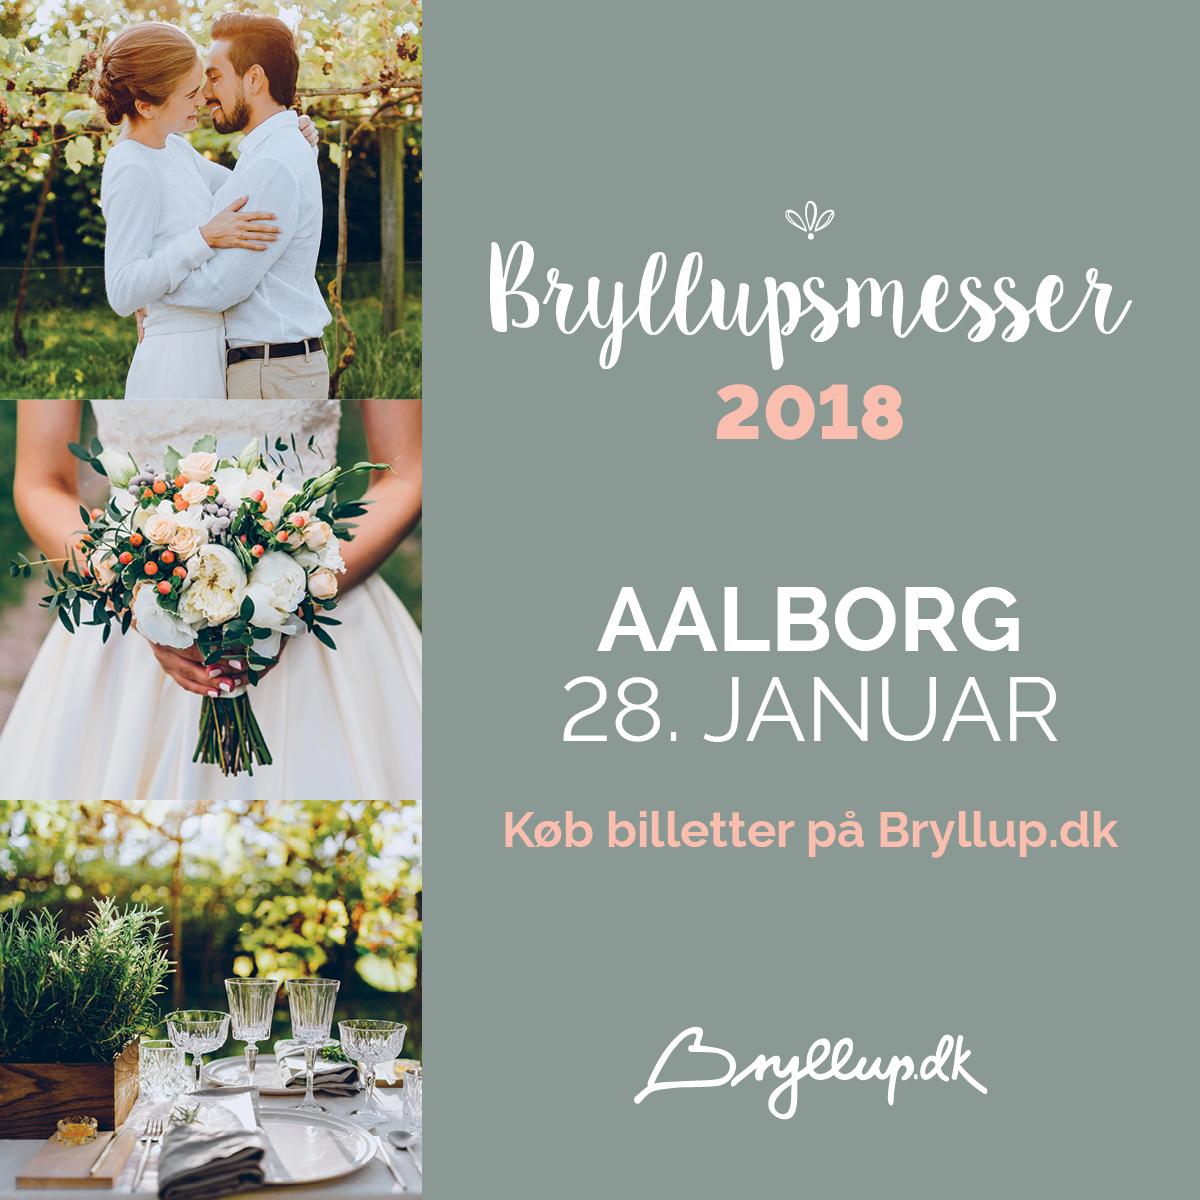 Bryllupsmesse i Aalborg 2018